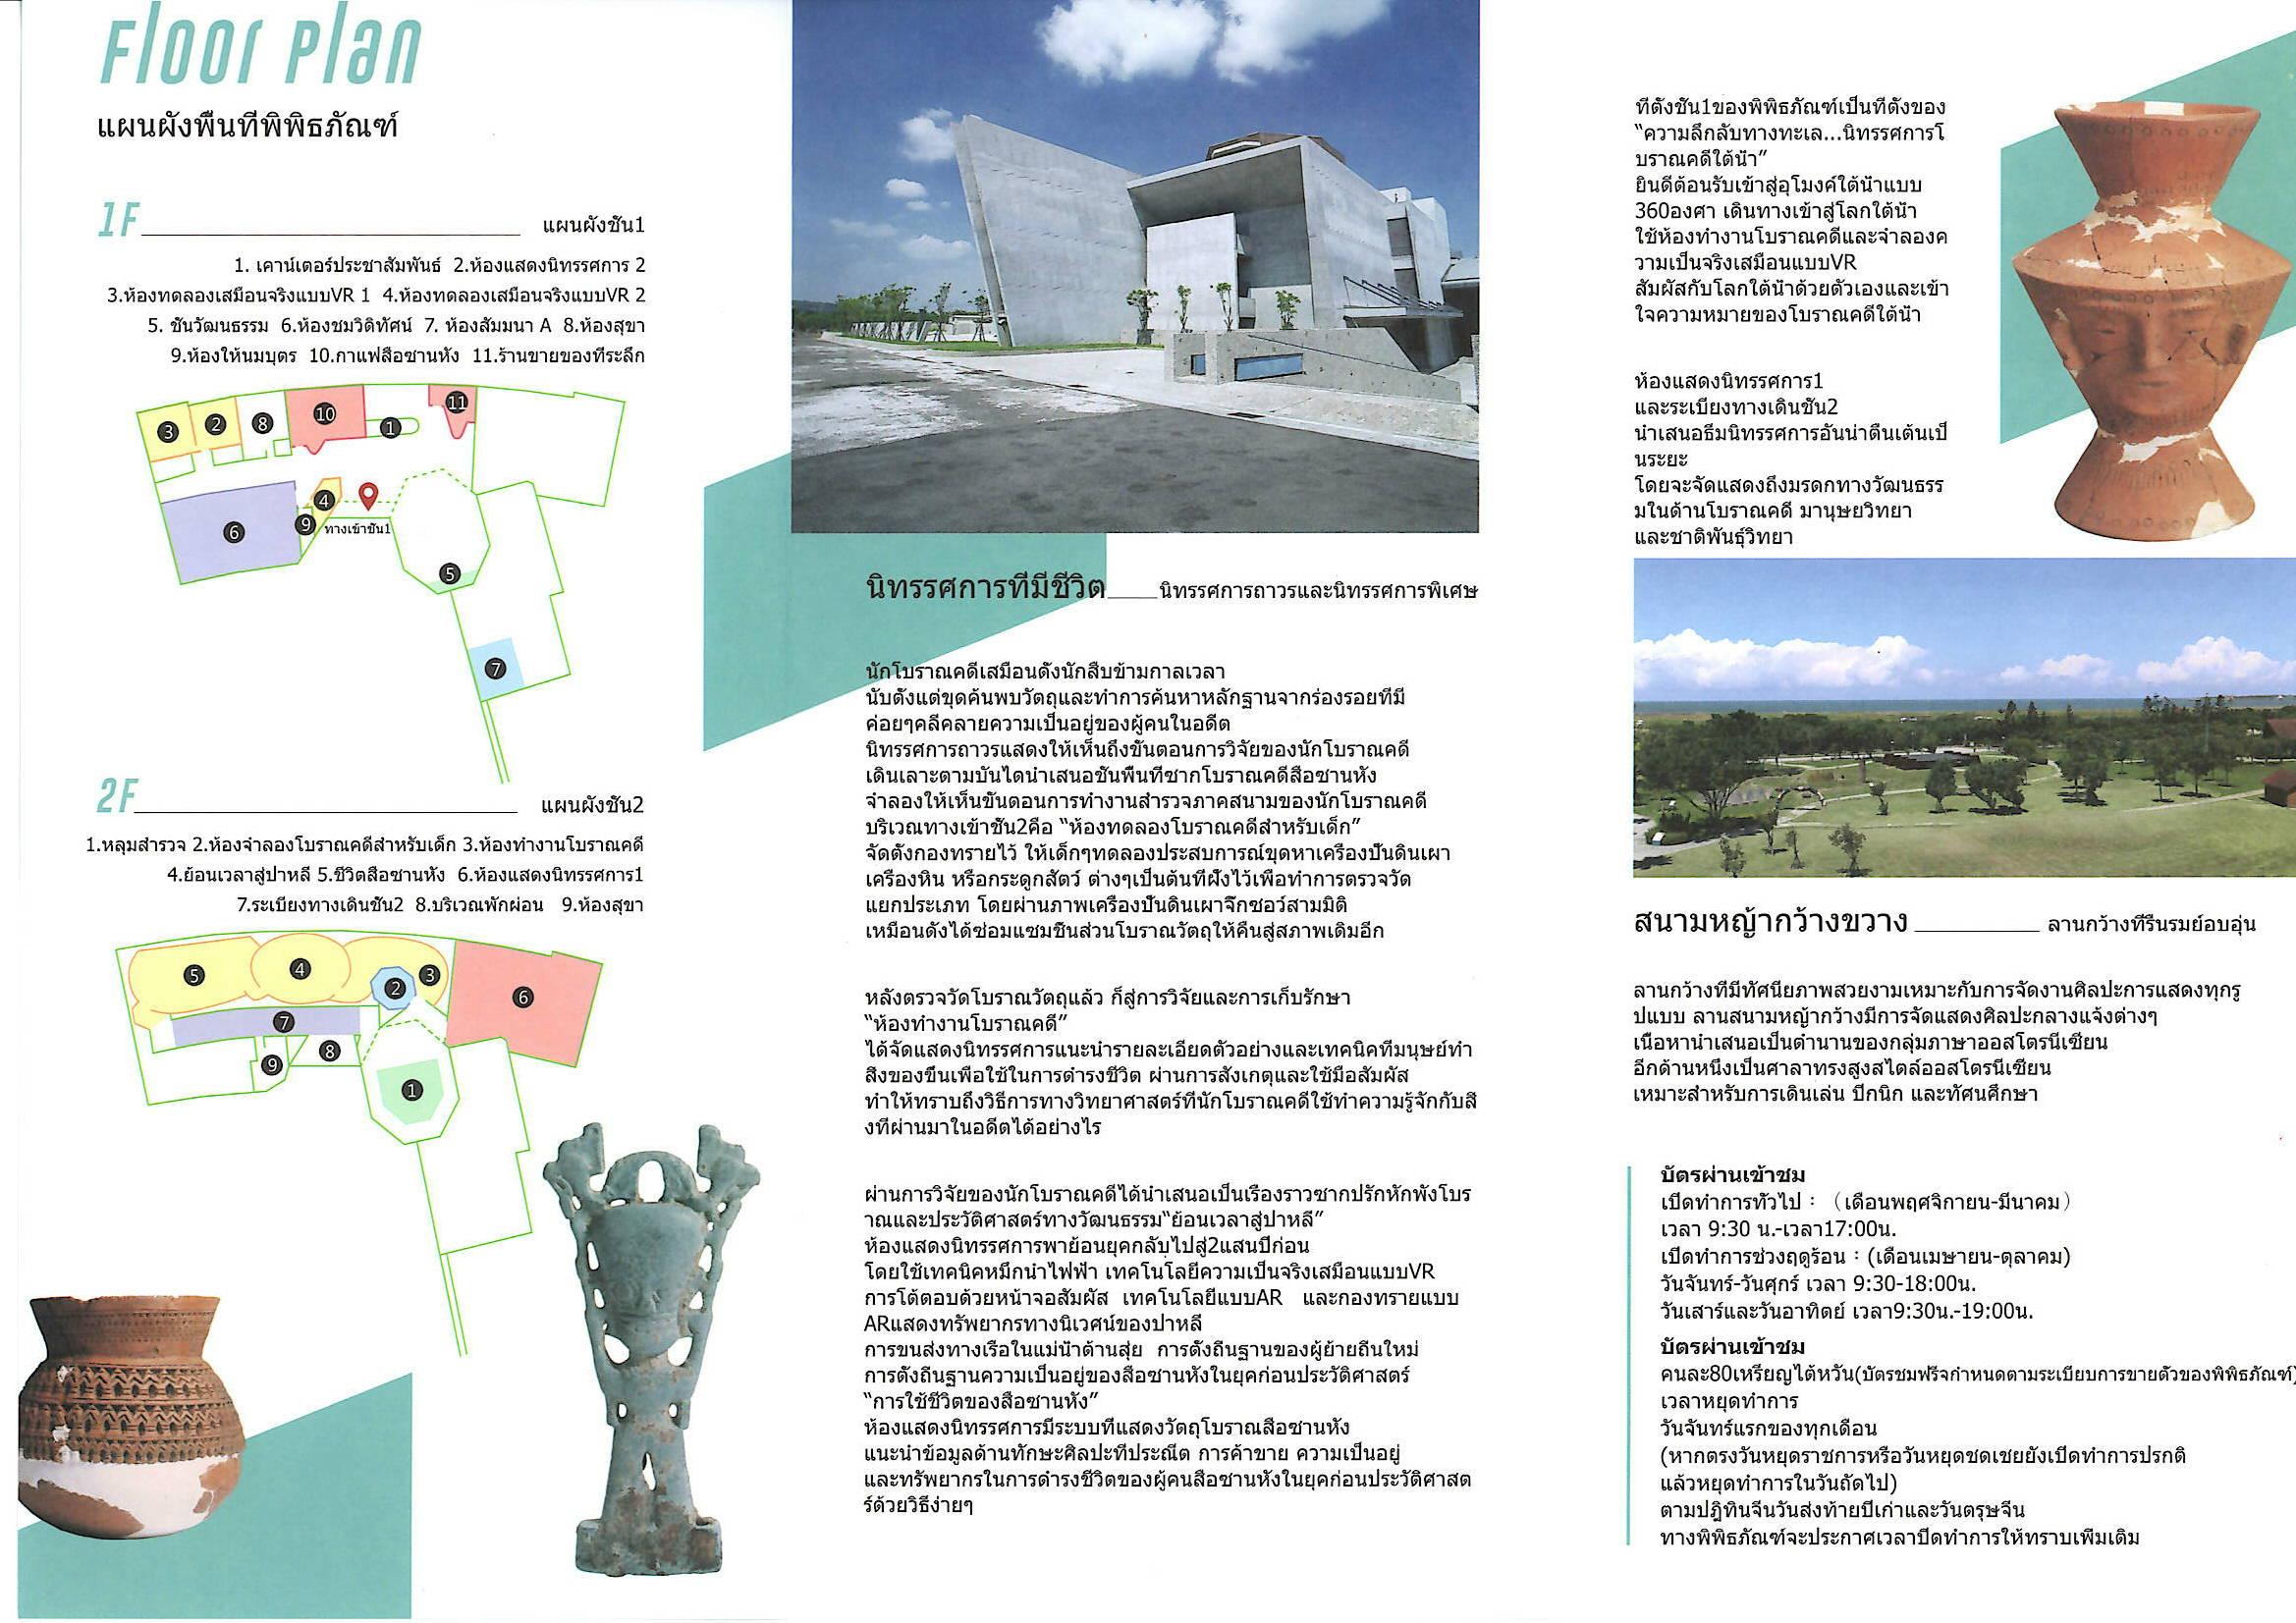 新北市立十三行博物館簡介摺頁泰文版-反面